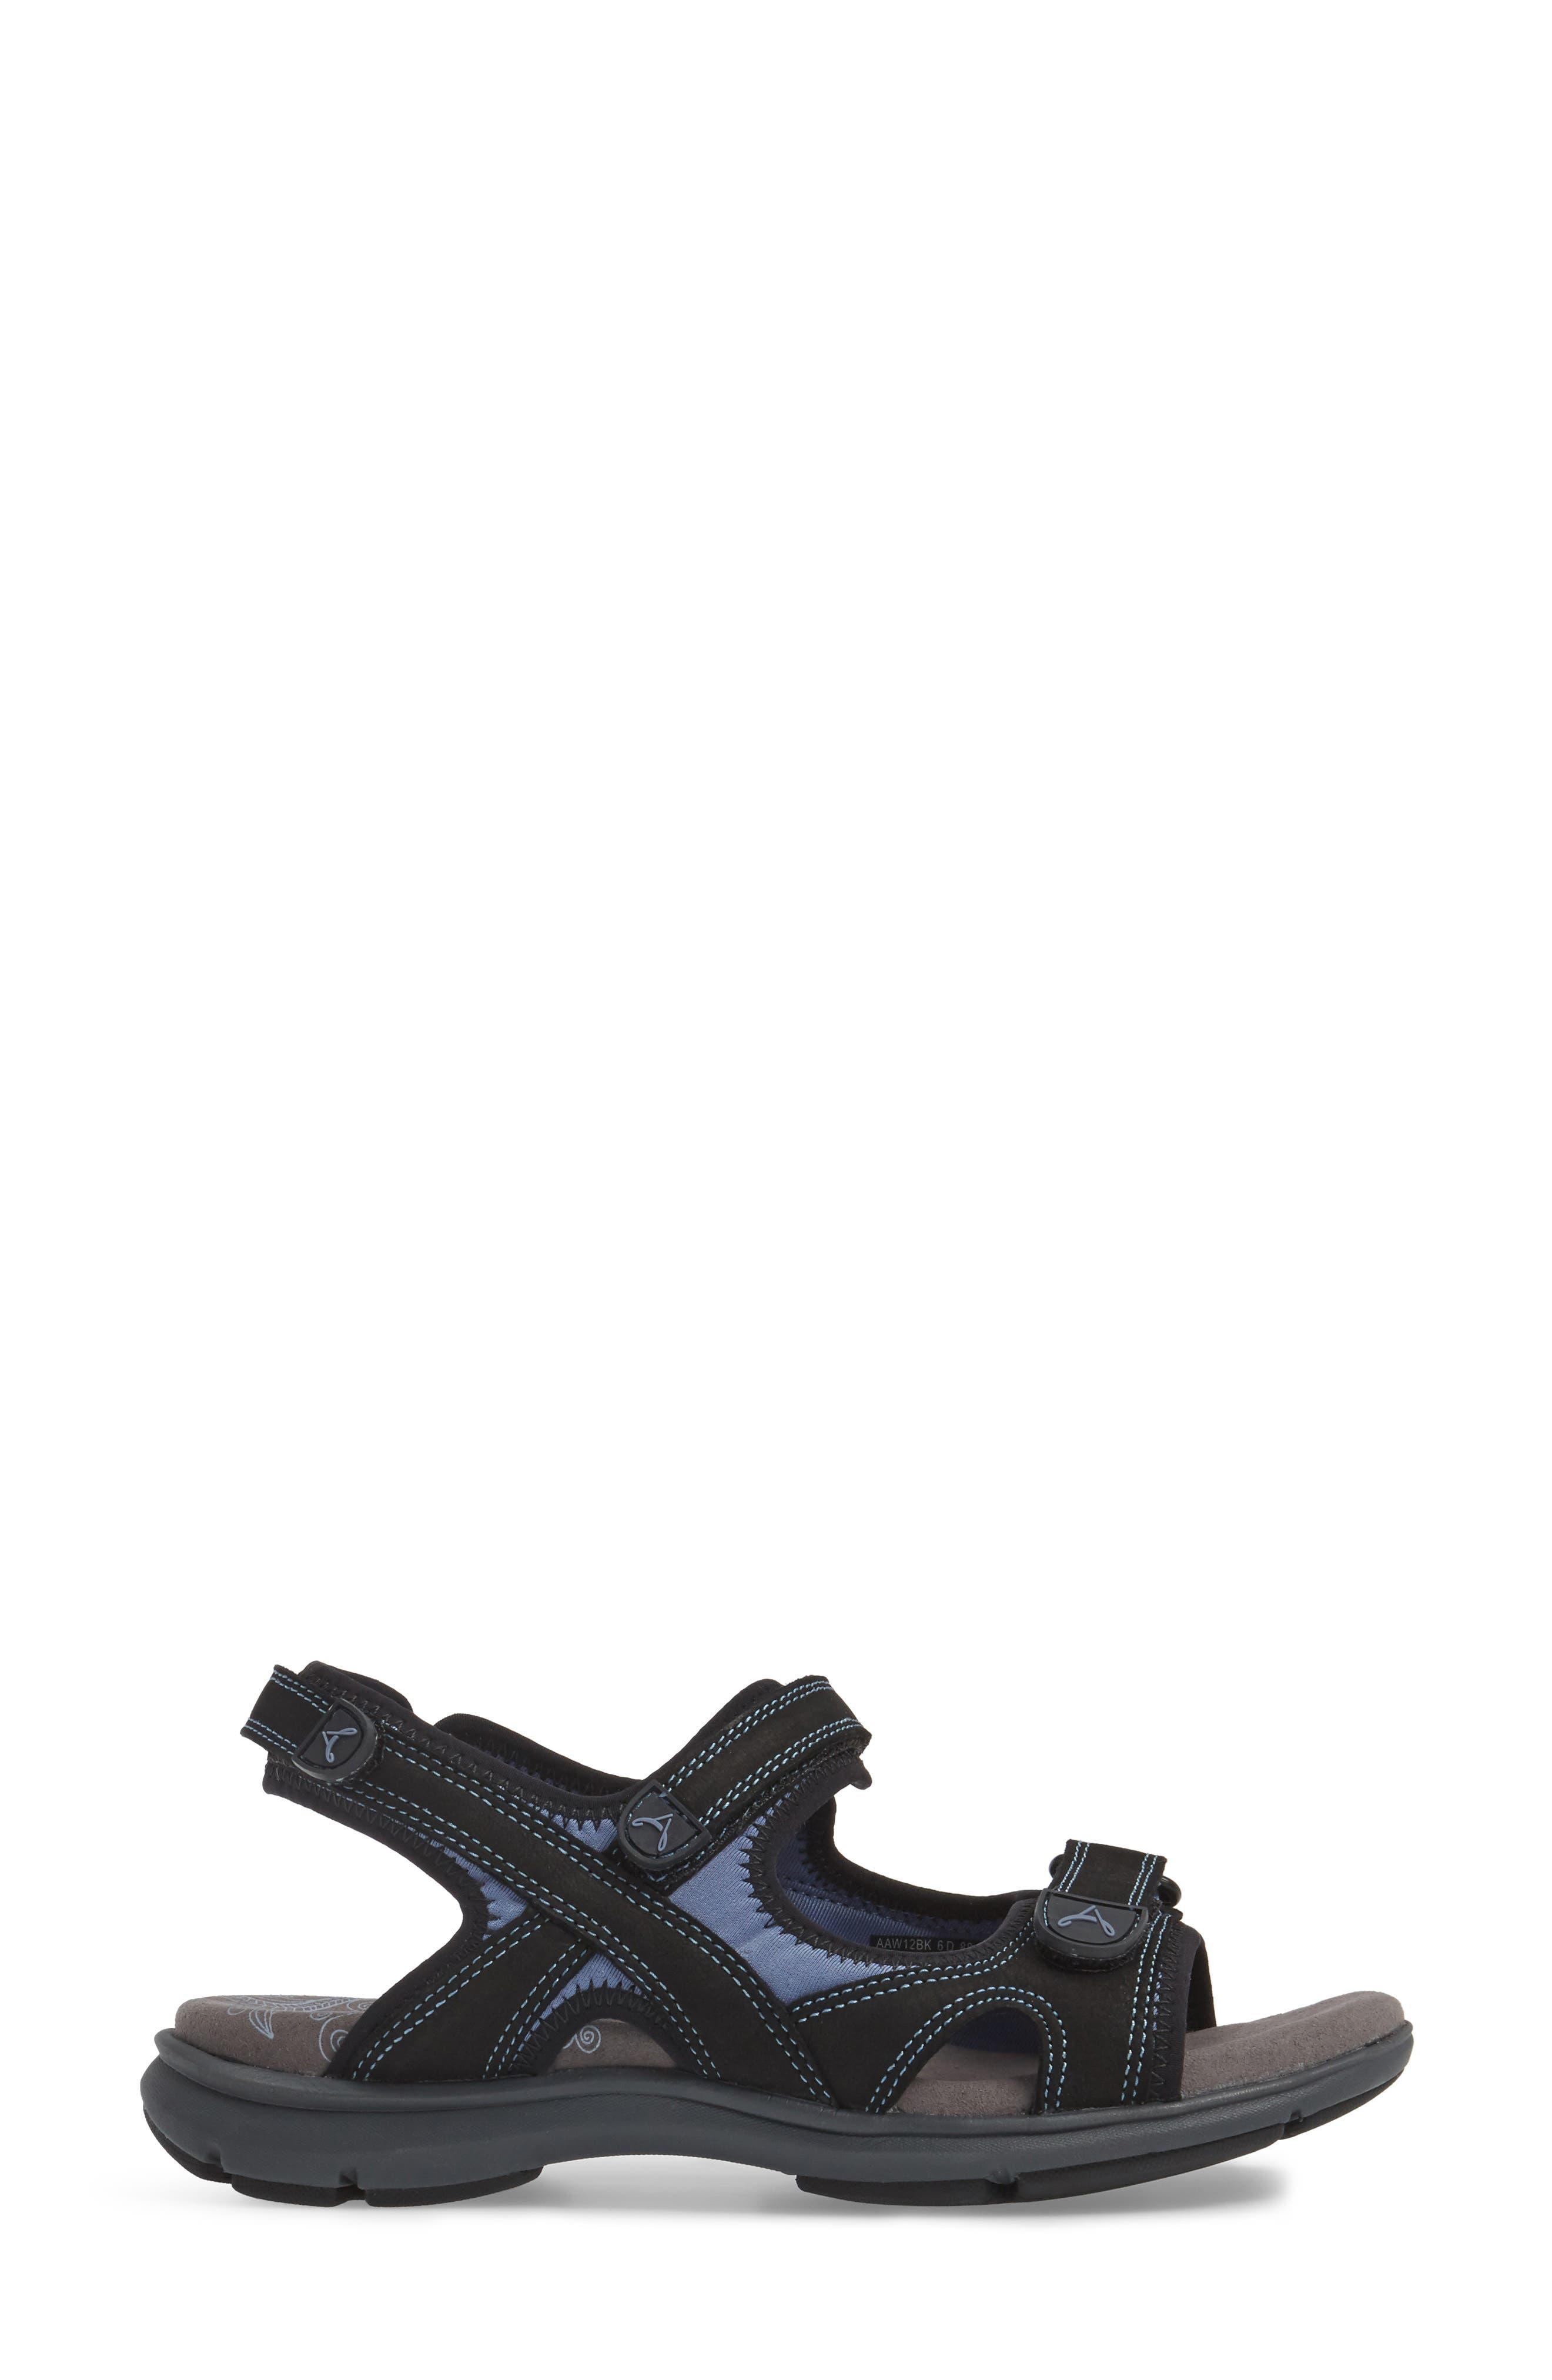 Rev Sandal,                             Alternate thumbnail 3, color,                             Black Fabric